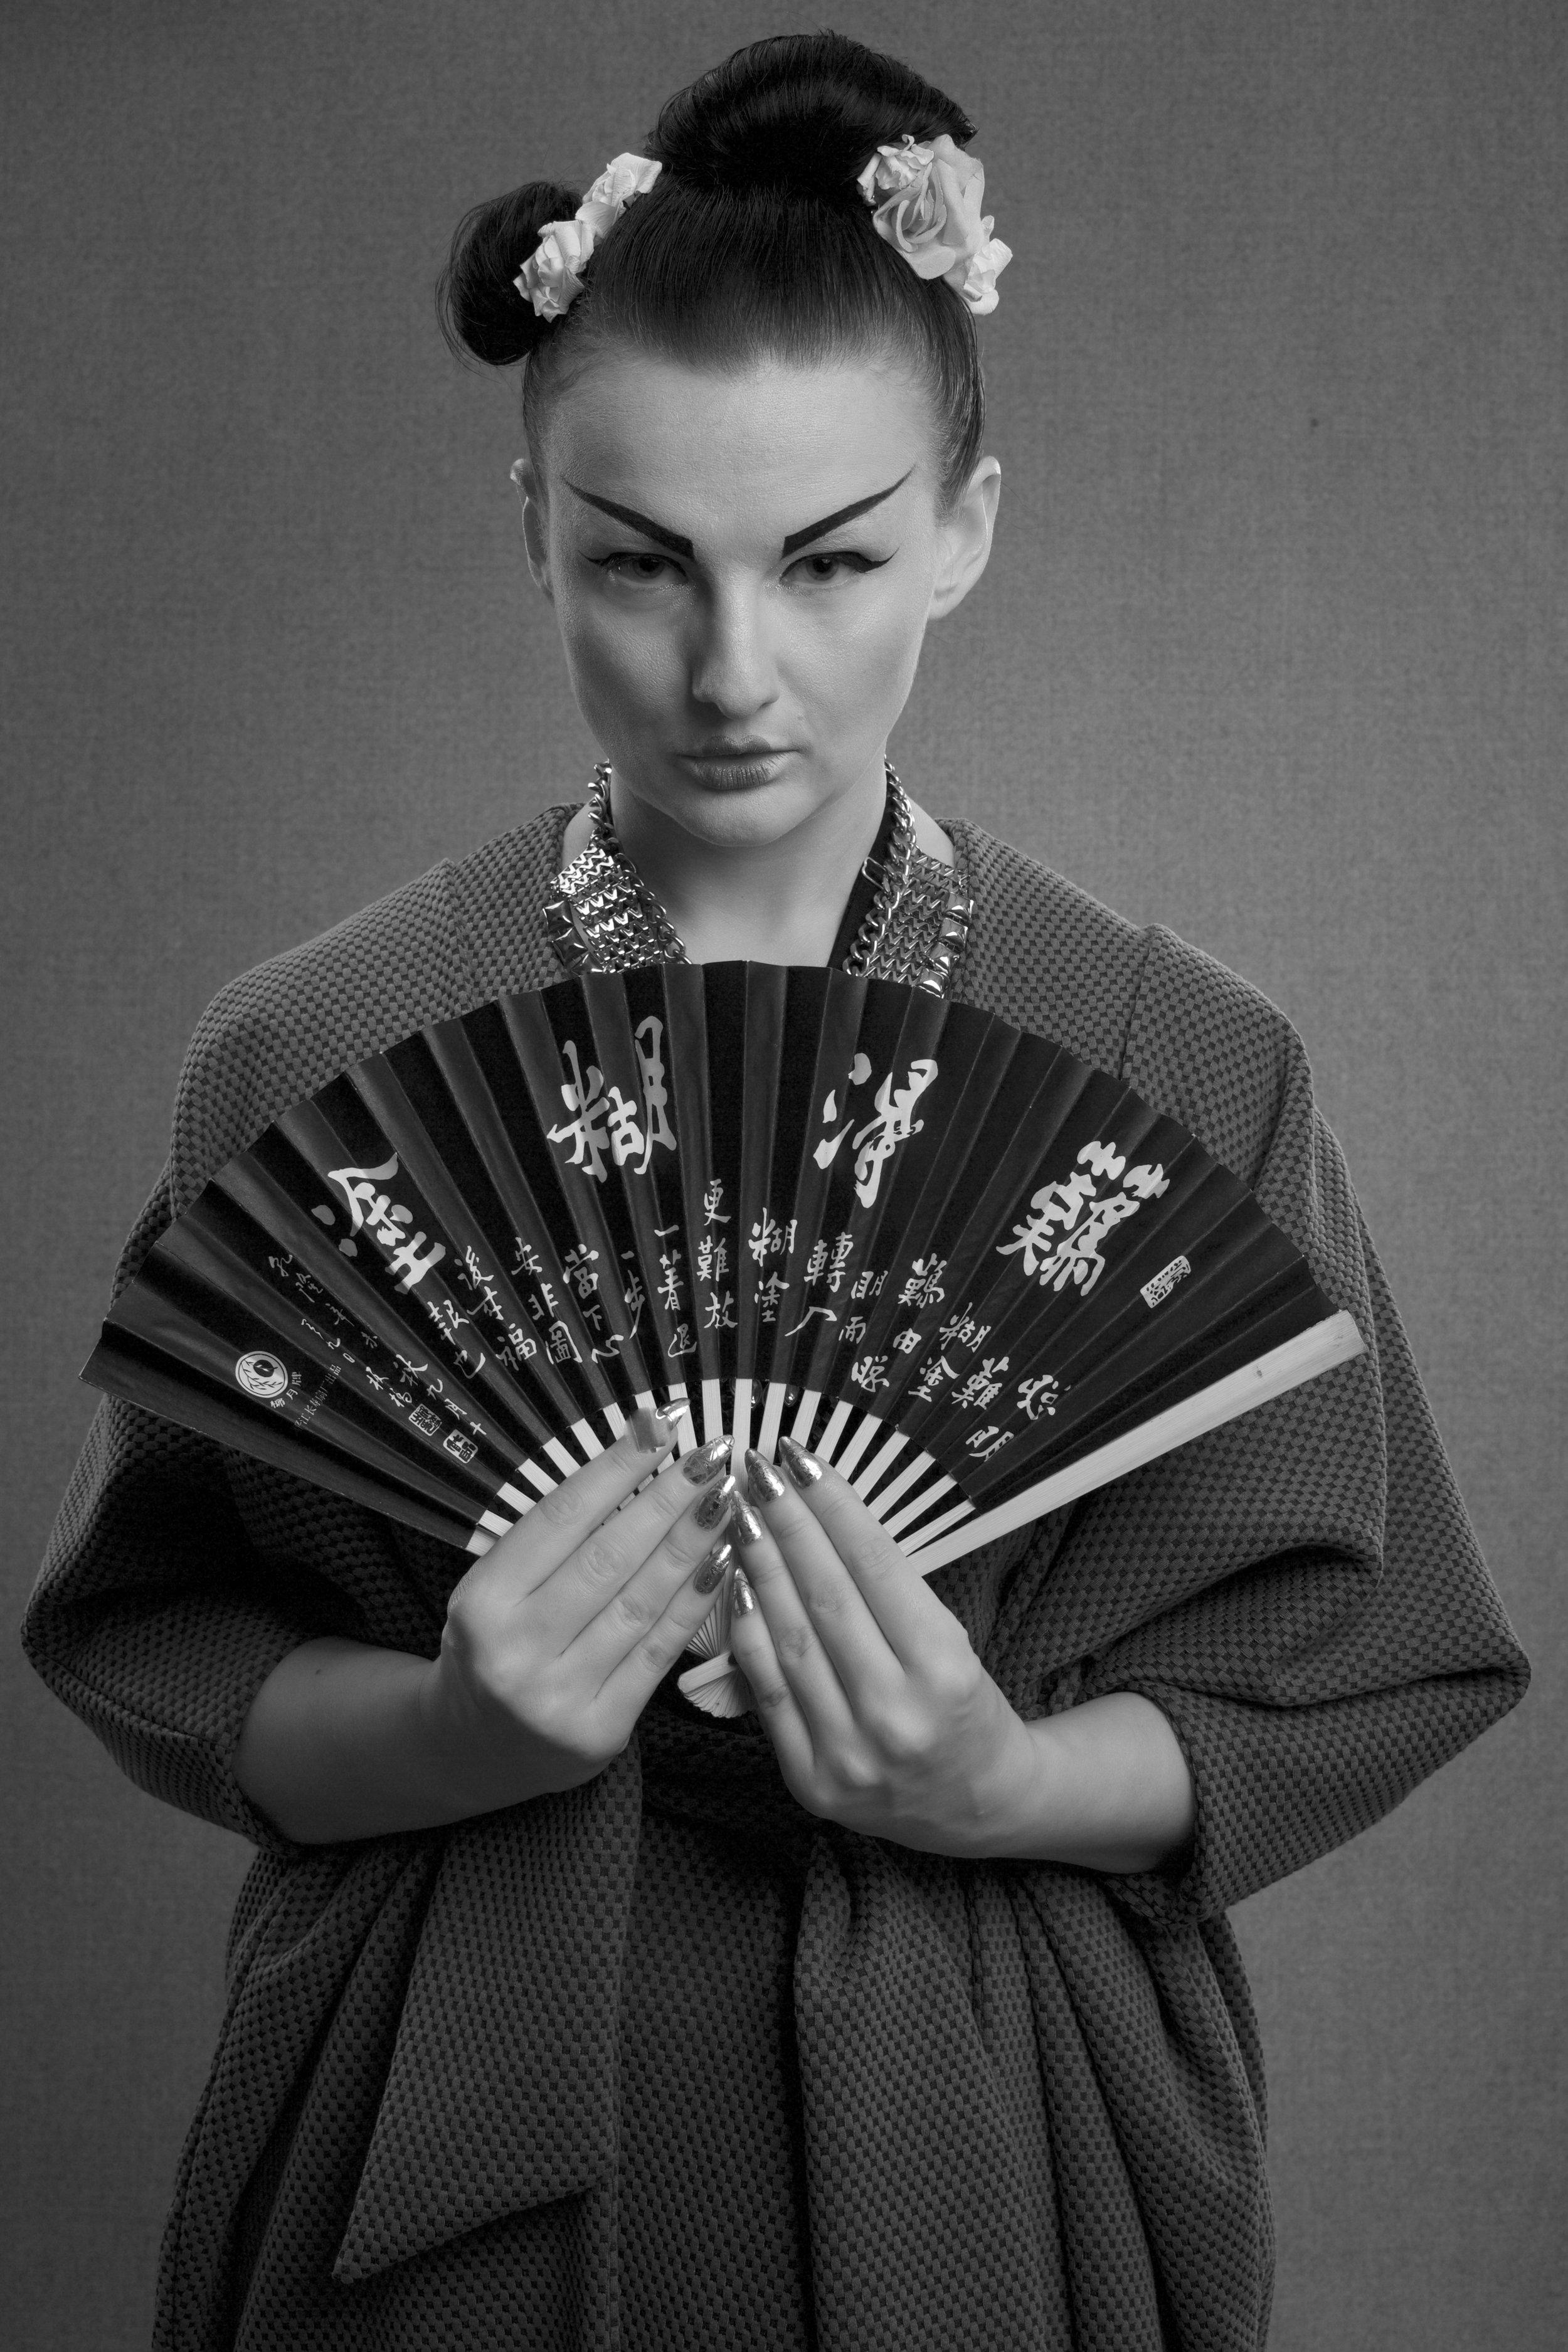 zaramia-ava-zaramiaava-leeds-fashion-designer-ethical-sustainable-grey-drape-ayame-jacket-noa-geshia-black-white-3